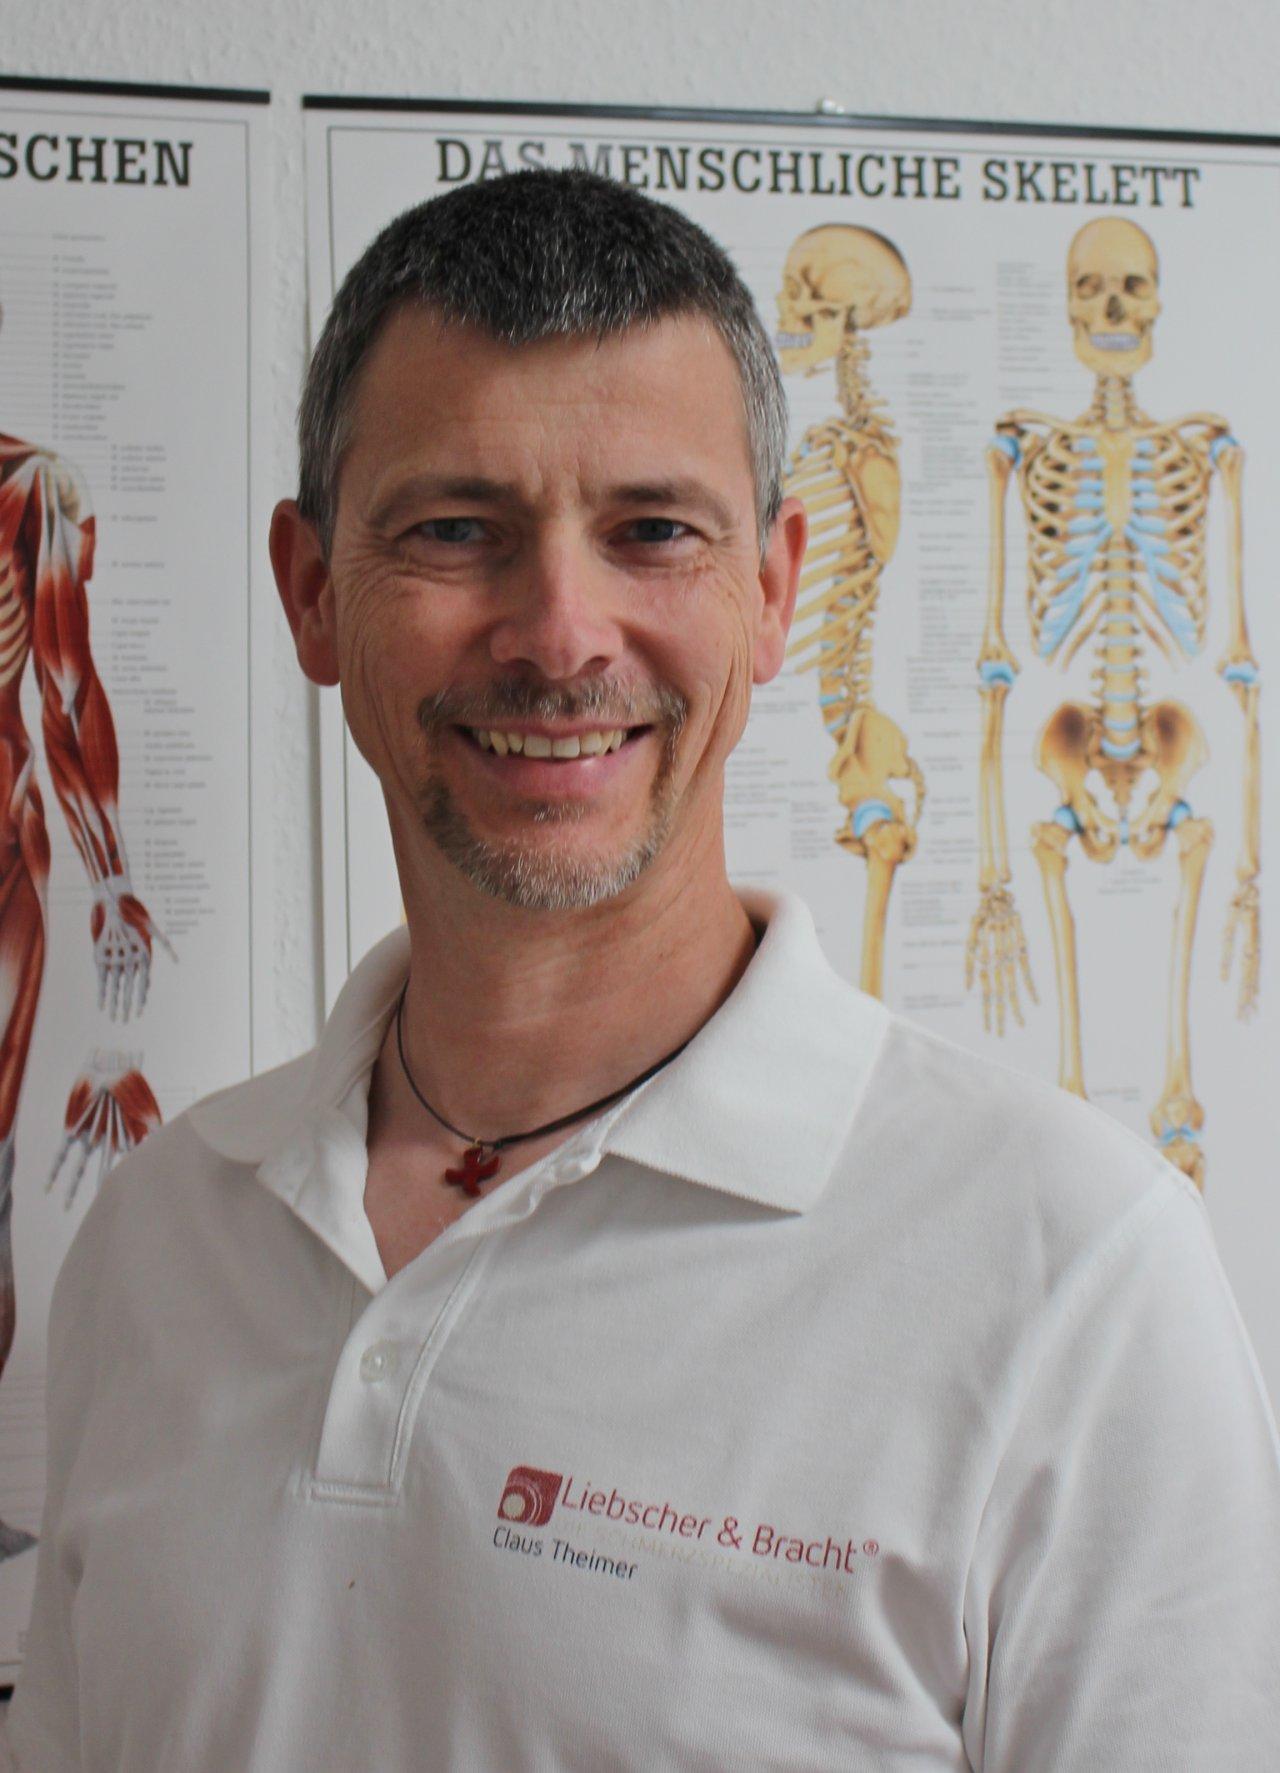 Claus Theimer aus 68526 Ladenburg steht vor einem Plakat des menschlichen Skeletts. Er hat schwarzgraue Haare und einen Bart. Auf dem Foto lächelt er in die Kamera und trägt ein weißes Liebscher & Bracht Polo T-Shirt.